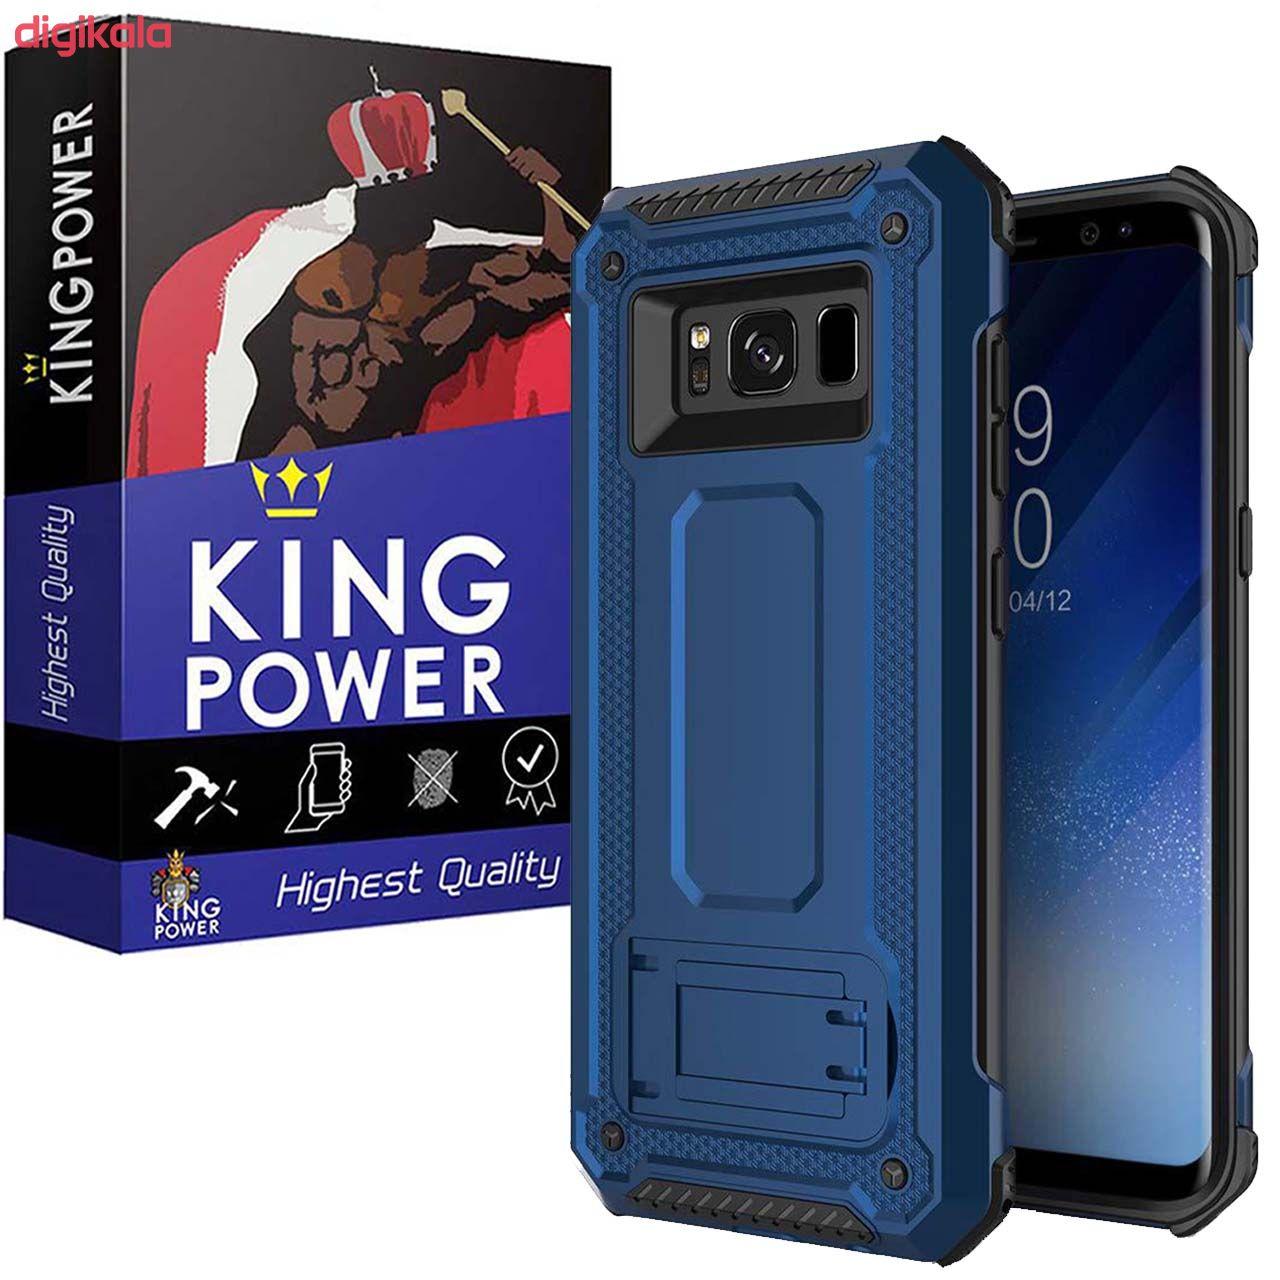 کاور کینگ پاور مدل W21 مناسب برای گوشی موبایل سامسونگ Galaxy S8 main 1 1